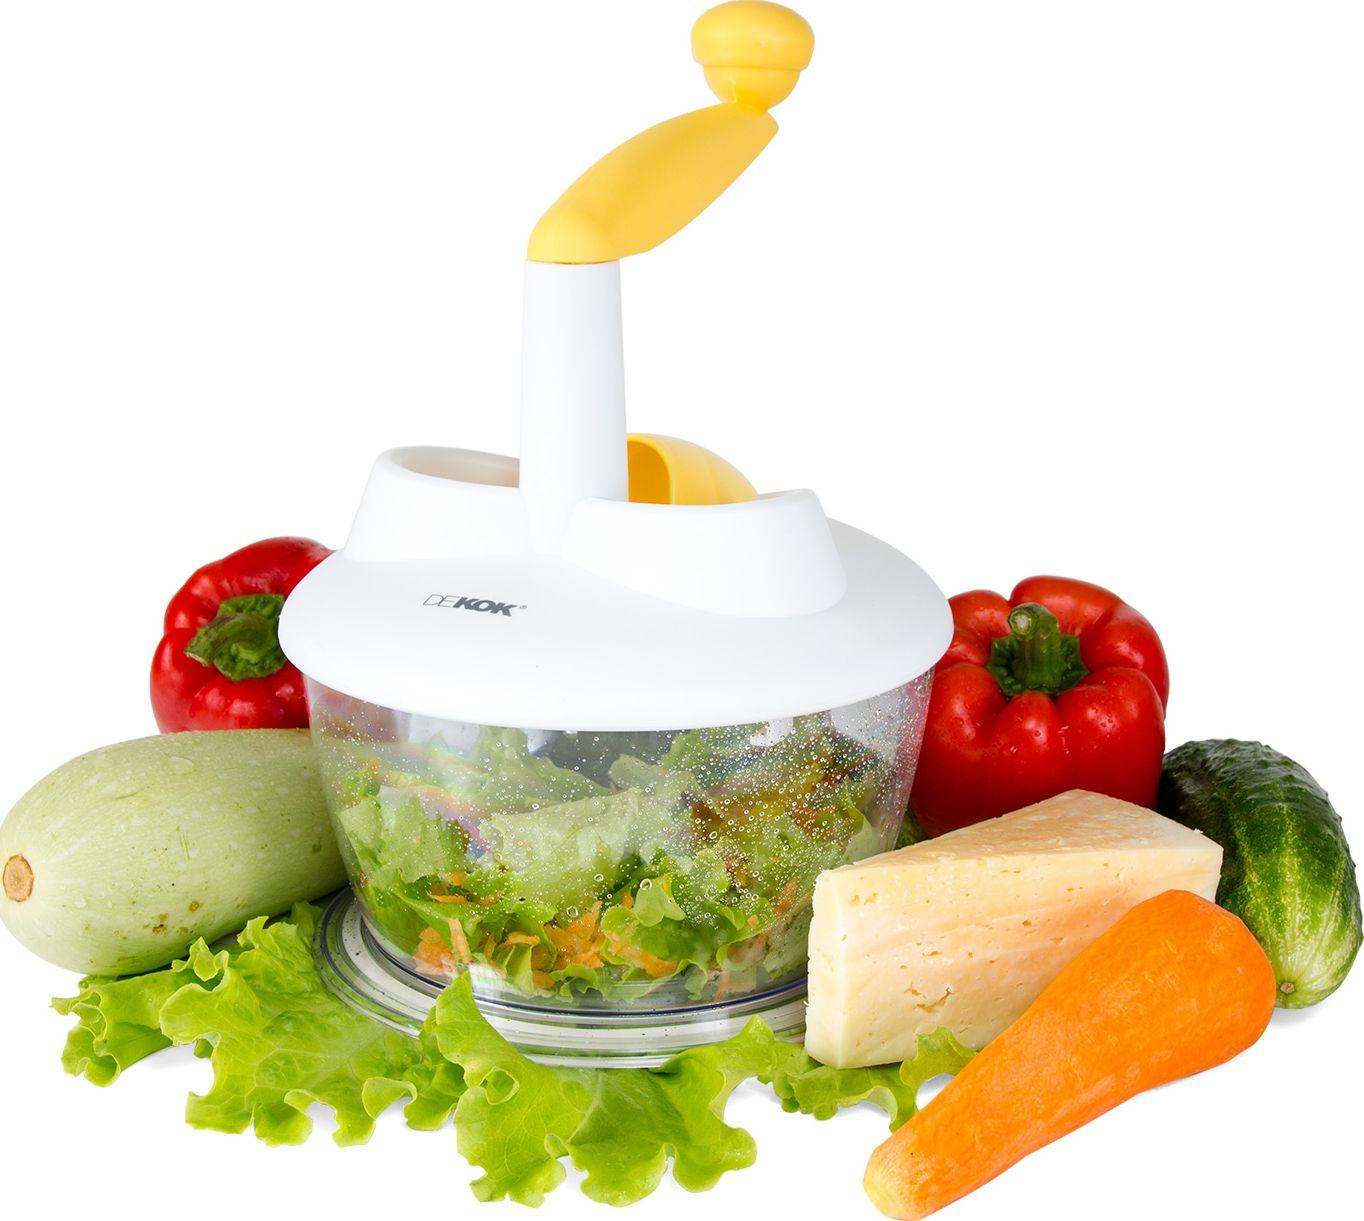 """Роторная терка """"Dekok"""" выполнена из пластика и оснащена тремя съемными  дисковыми насадками из нержавеющей стали. С помощью мультиротора вы сможете быстро и безопасно порезать  ломтиками, нашинковать, натереть в крупную, среднюю, мелкую и особо мелкую терку большое количество  овощей и фруктов.  Изделие оснащено контейнером, что позволяет наблюдать за степенью его наполнения. Нужно просто поместить  продукт в специальный контейнер с прессом и вращать ручку. Продукт расходуется  полностью, без остатков. Терка оснащена антискользящими упорами. Конструкция  легко разбирается для полноценной очистки. Специально сконструированная ручка-прижим не только защитит  ваши руки, но и позволит без остатка обработать даже самые мелкие кусочки овощей и фруктов.  Роторная терка """"Dekok"""" займет достойное место среди аксессуаров на  вашей кухне. Размер терки (с учетом ручки): 22 см х 22 см х 27 см.  Диаметр контейнера: 19 см. Высота стенки контейнера (без учета крышки): 10,5 см. Диаметр насадок: 12 см."""